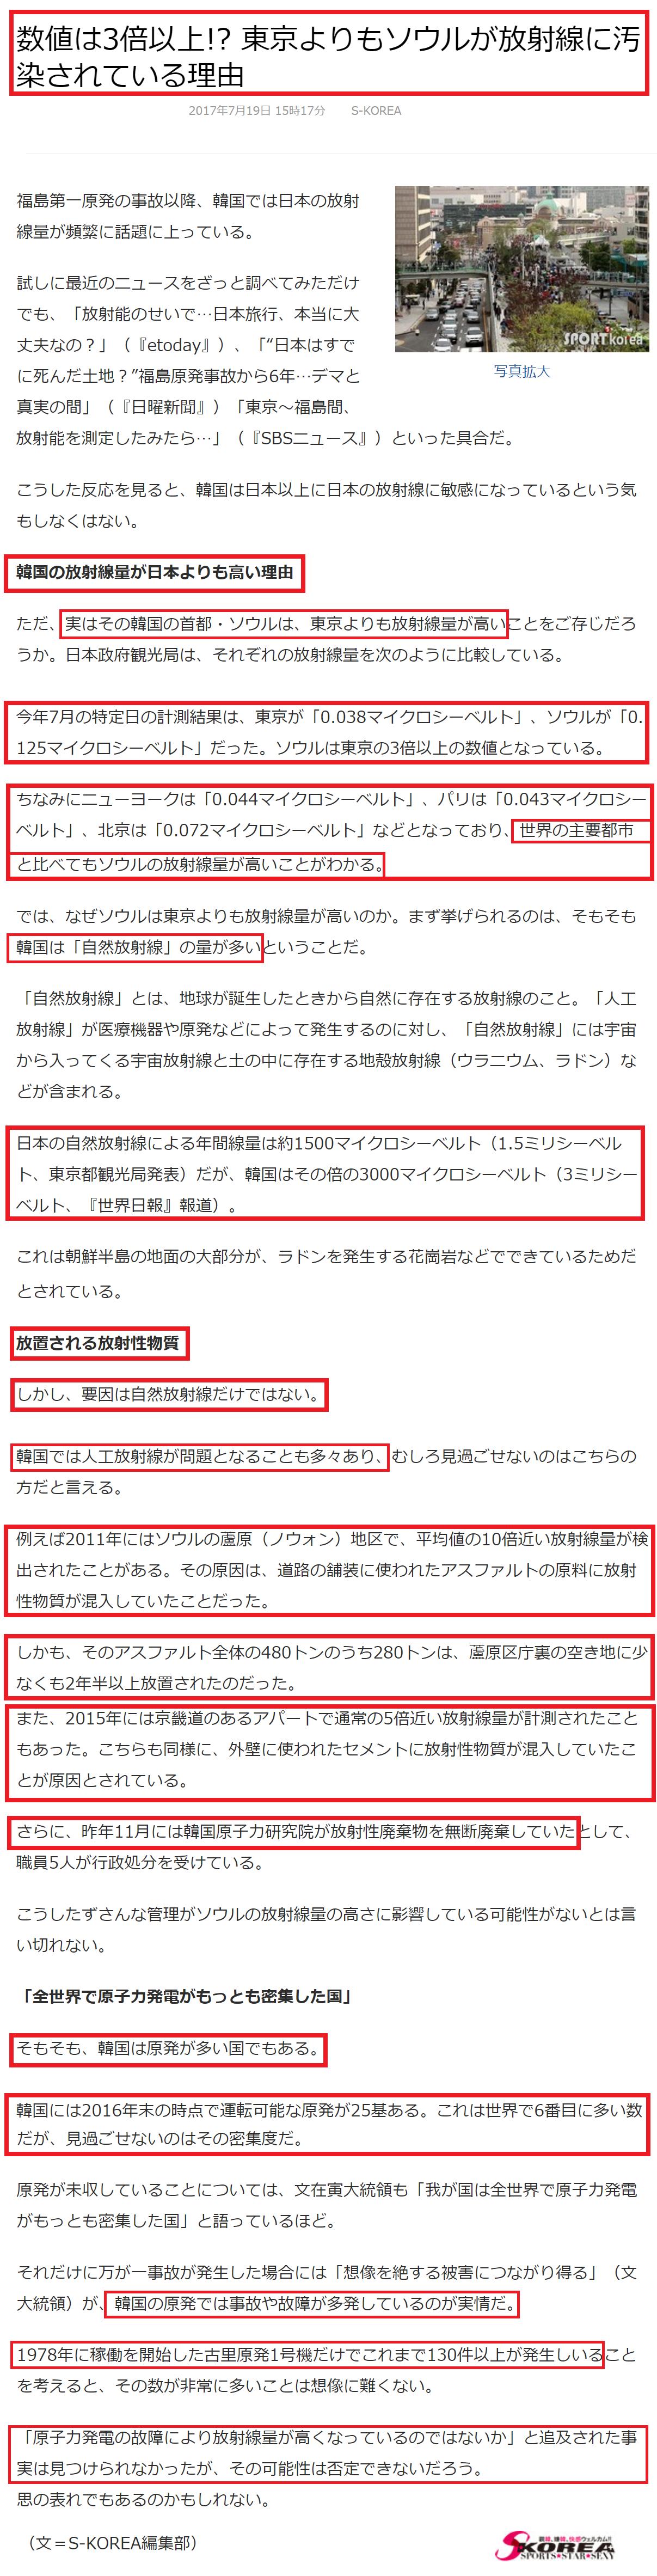 ずさんな放射線管理で数値は東京の3倍以上の下朝鮮